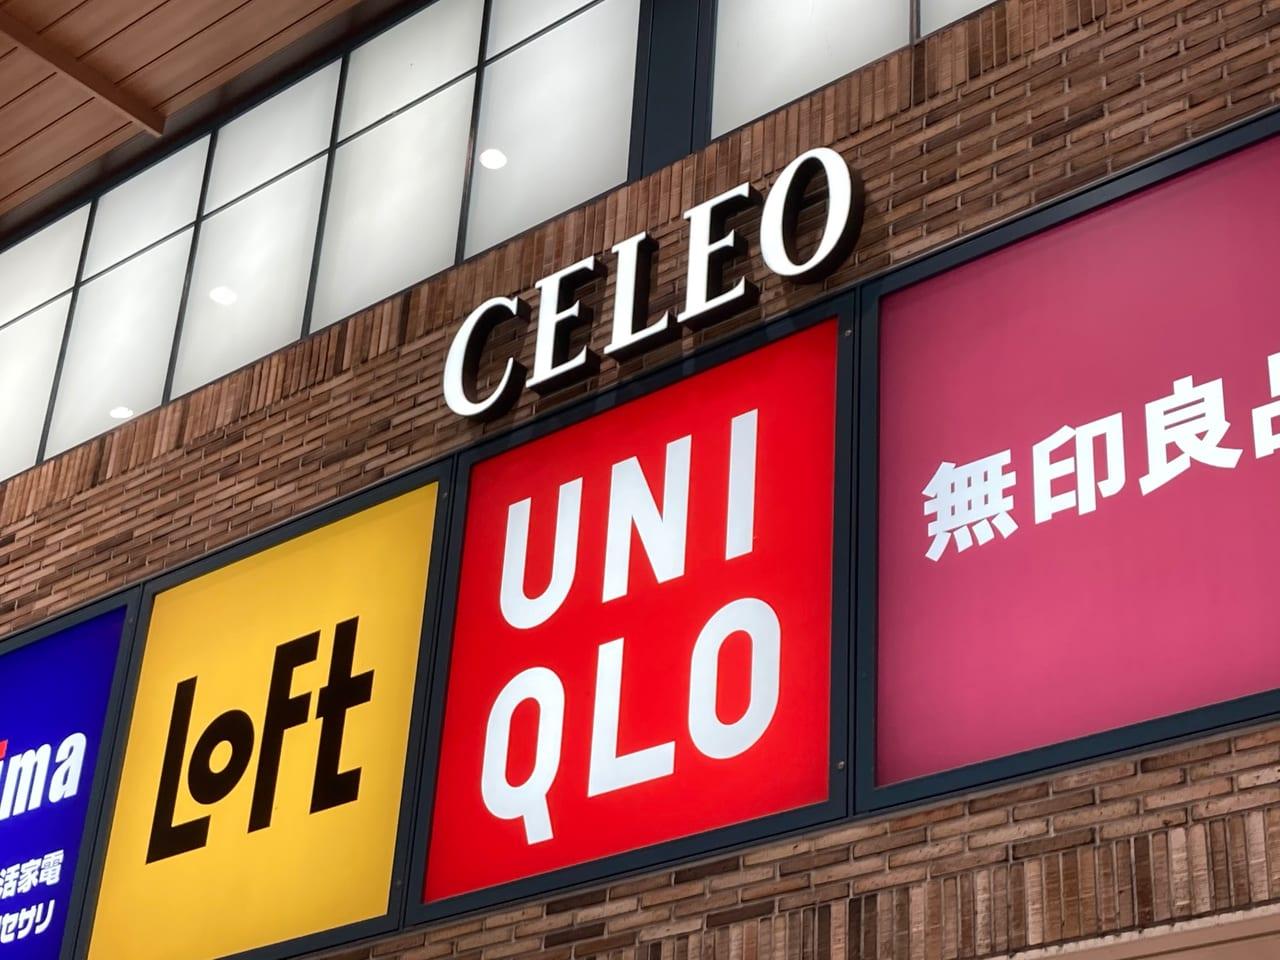 オンラインでは完売も?!『ユニクロ』がジルサンダーとコラボの「+J」が11月13日発売!セレオ国分寺店は?